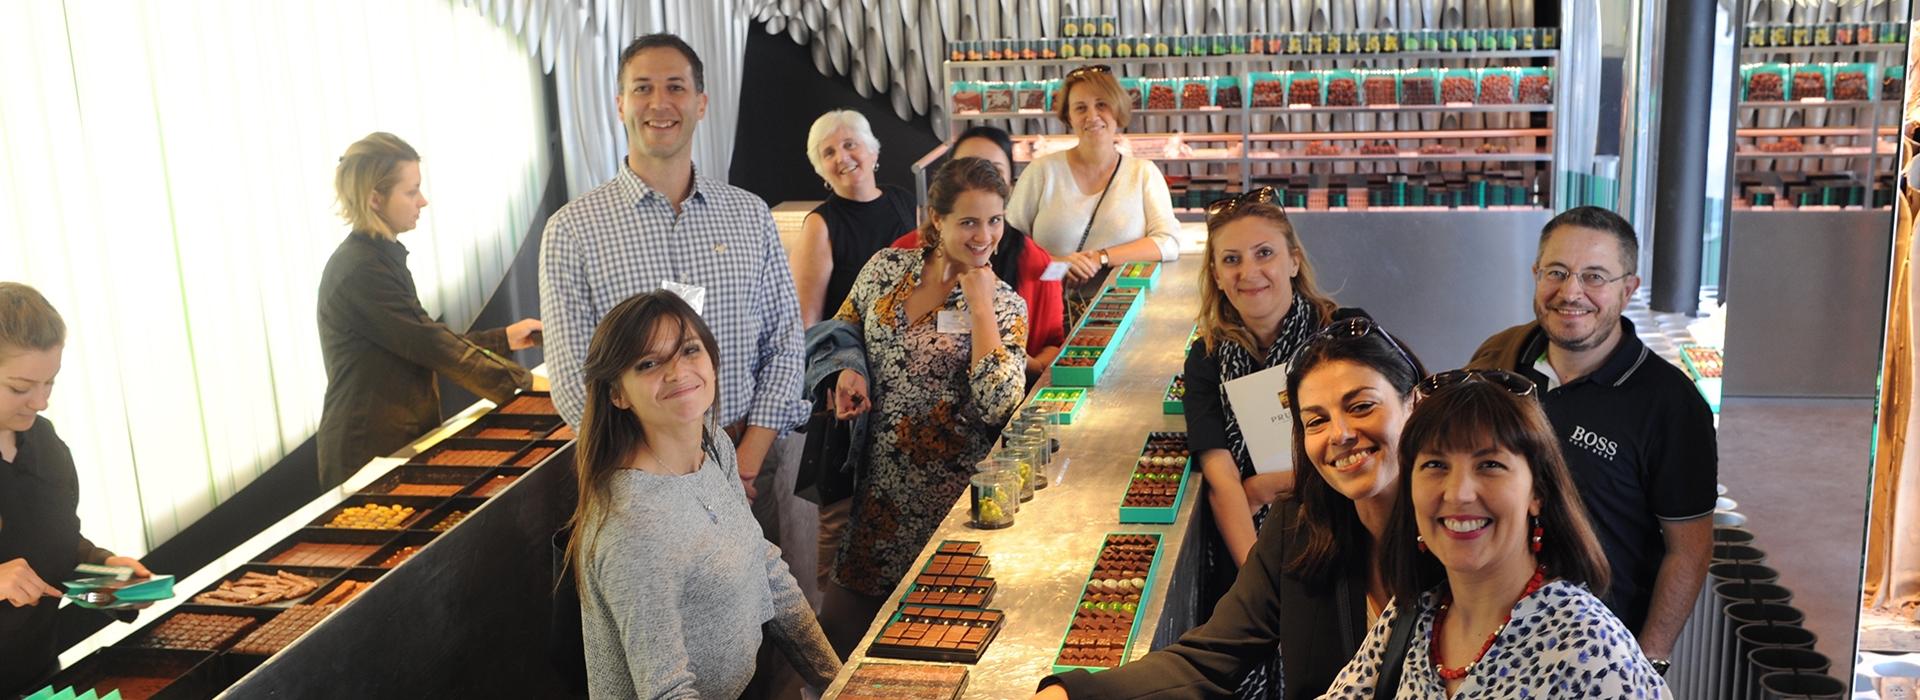 Team building gastronómico en Paris